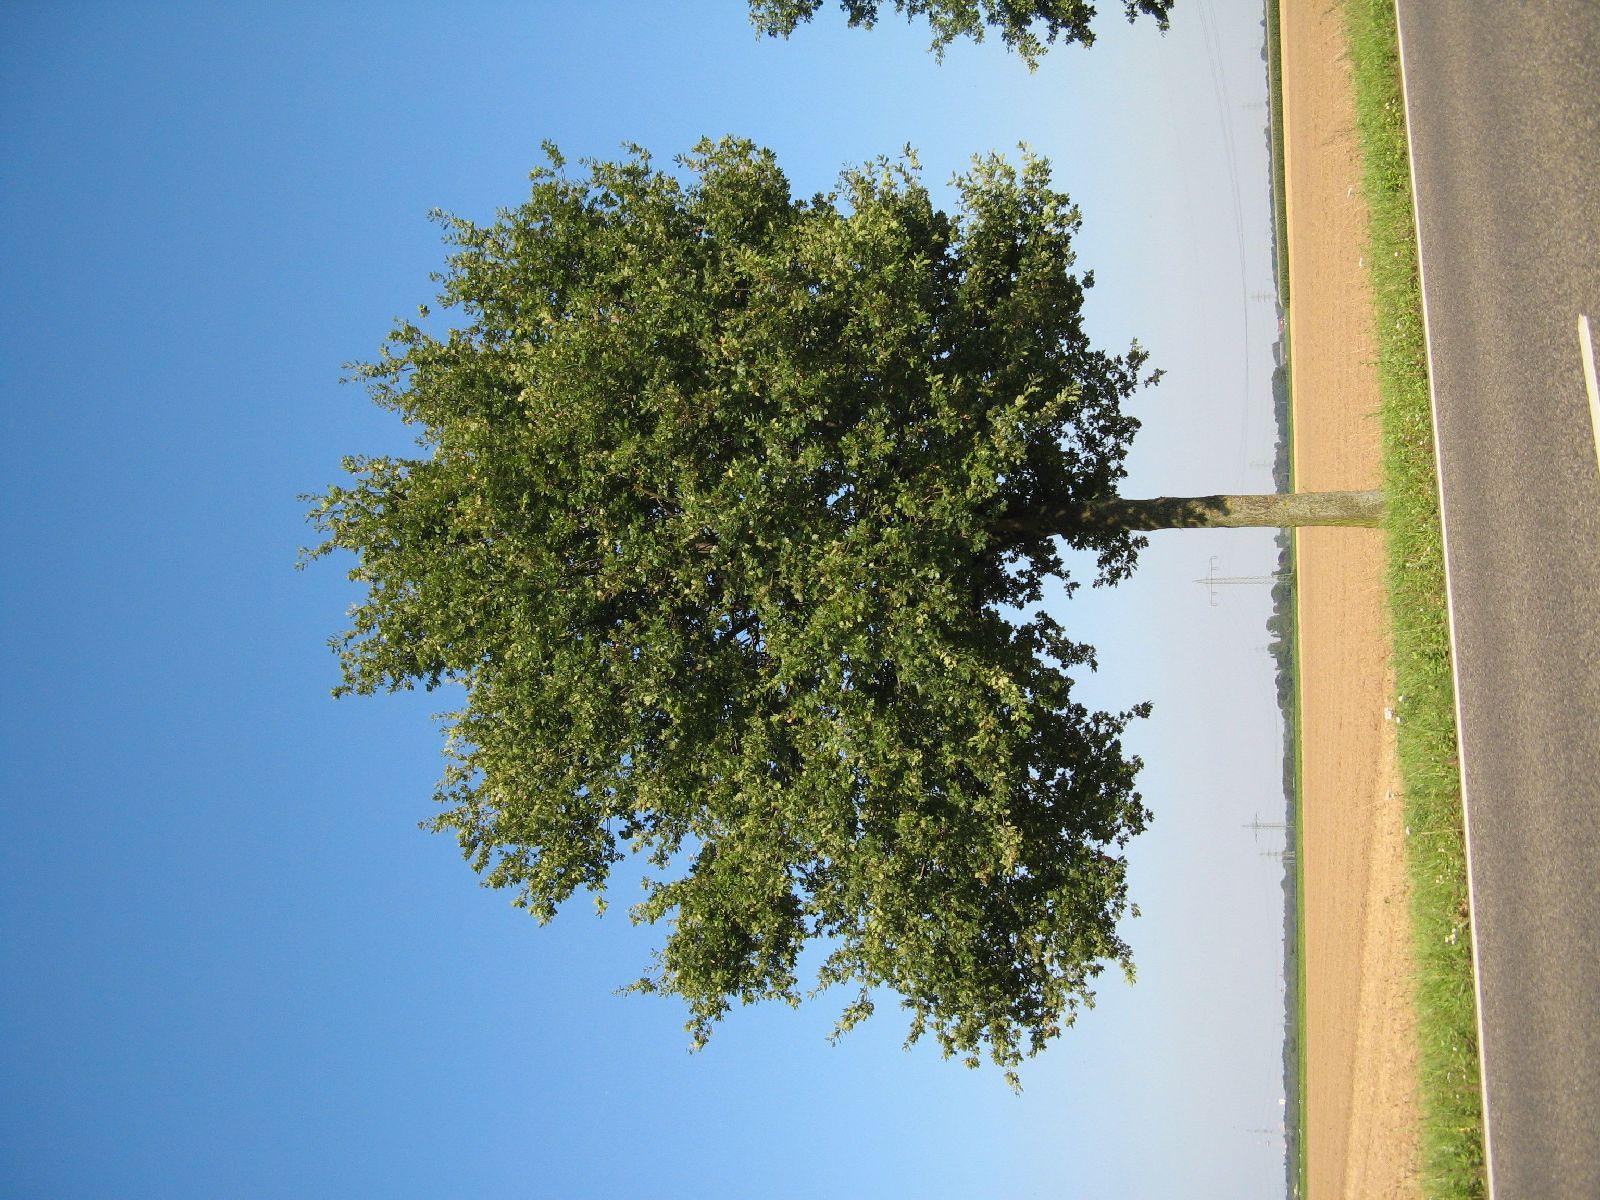 Pflanzen-Baum-Foto_Textur_B_1230